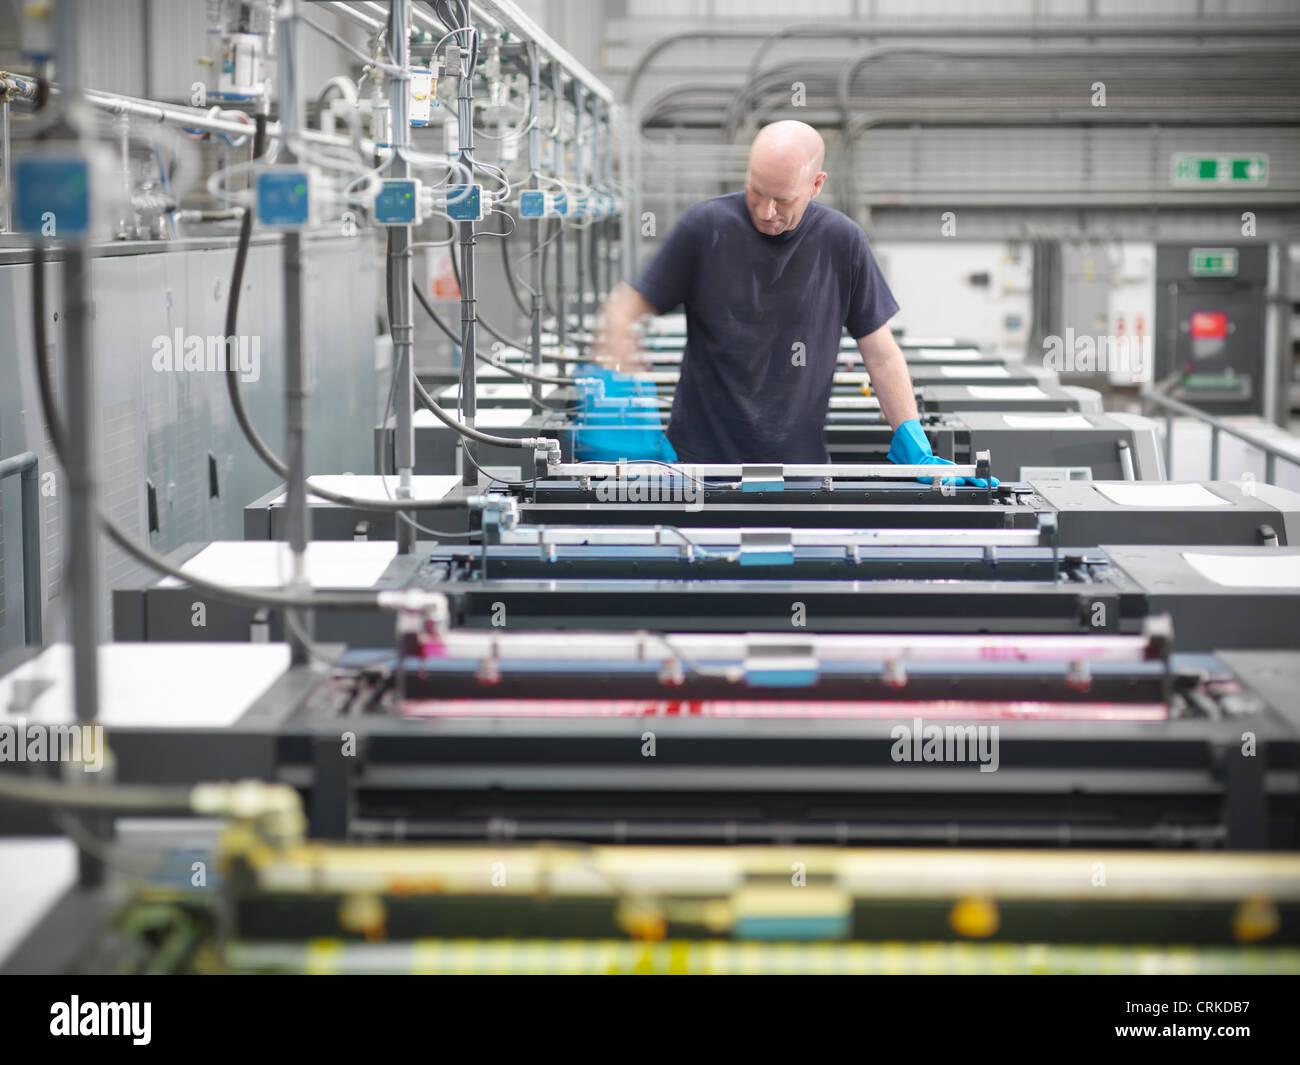 Drucker Farbwerk der Druckmaschine im shop Stockbild